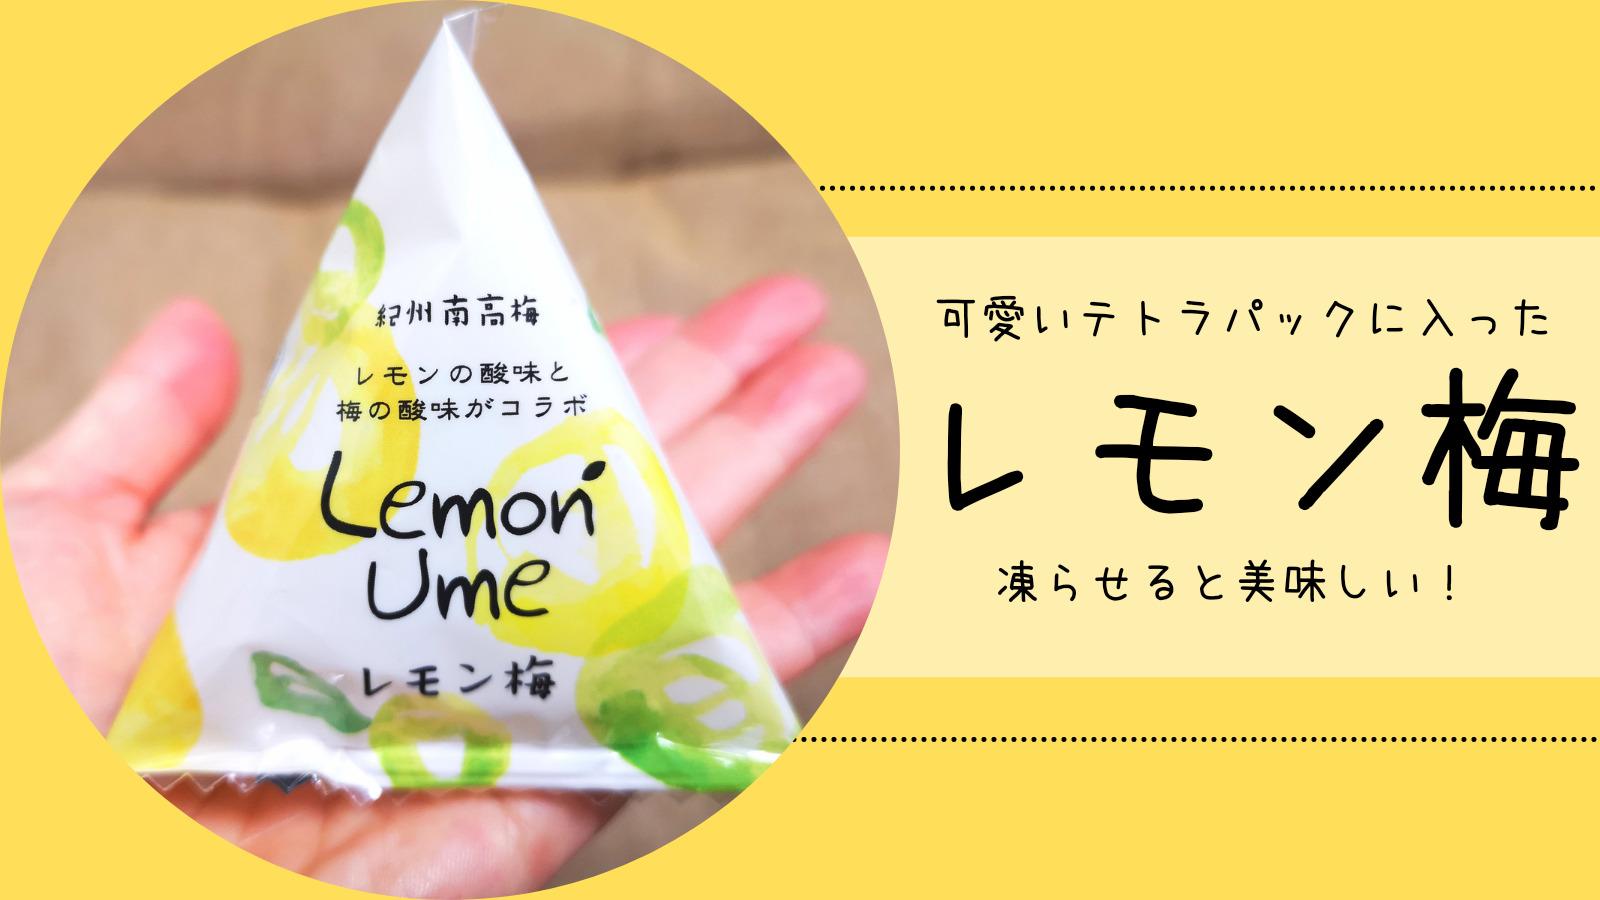 熱中症対策におすすめ! 可愛いテトラパックに入った中峰農園「レモン梅」